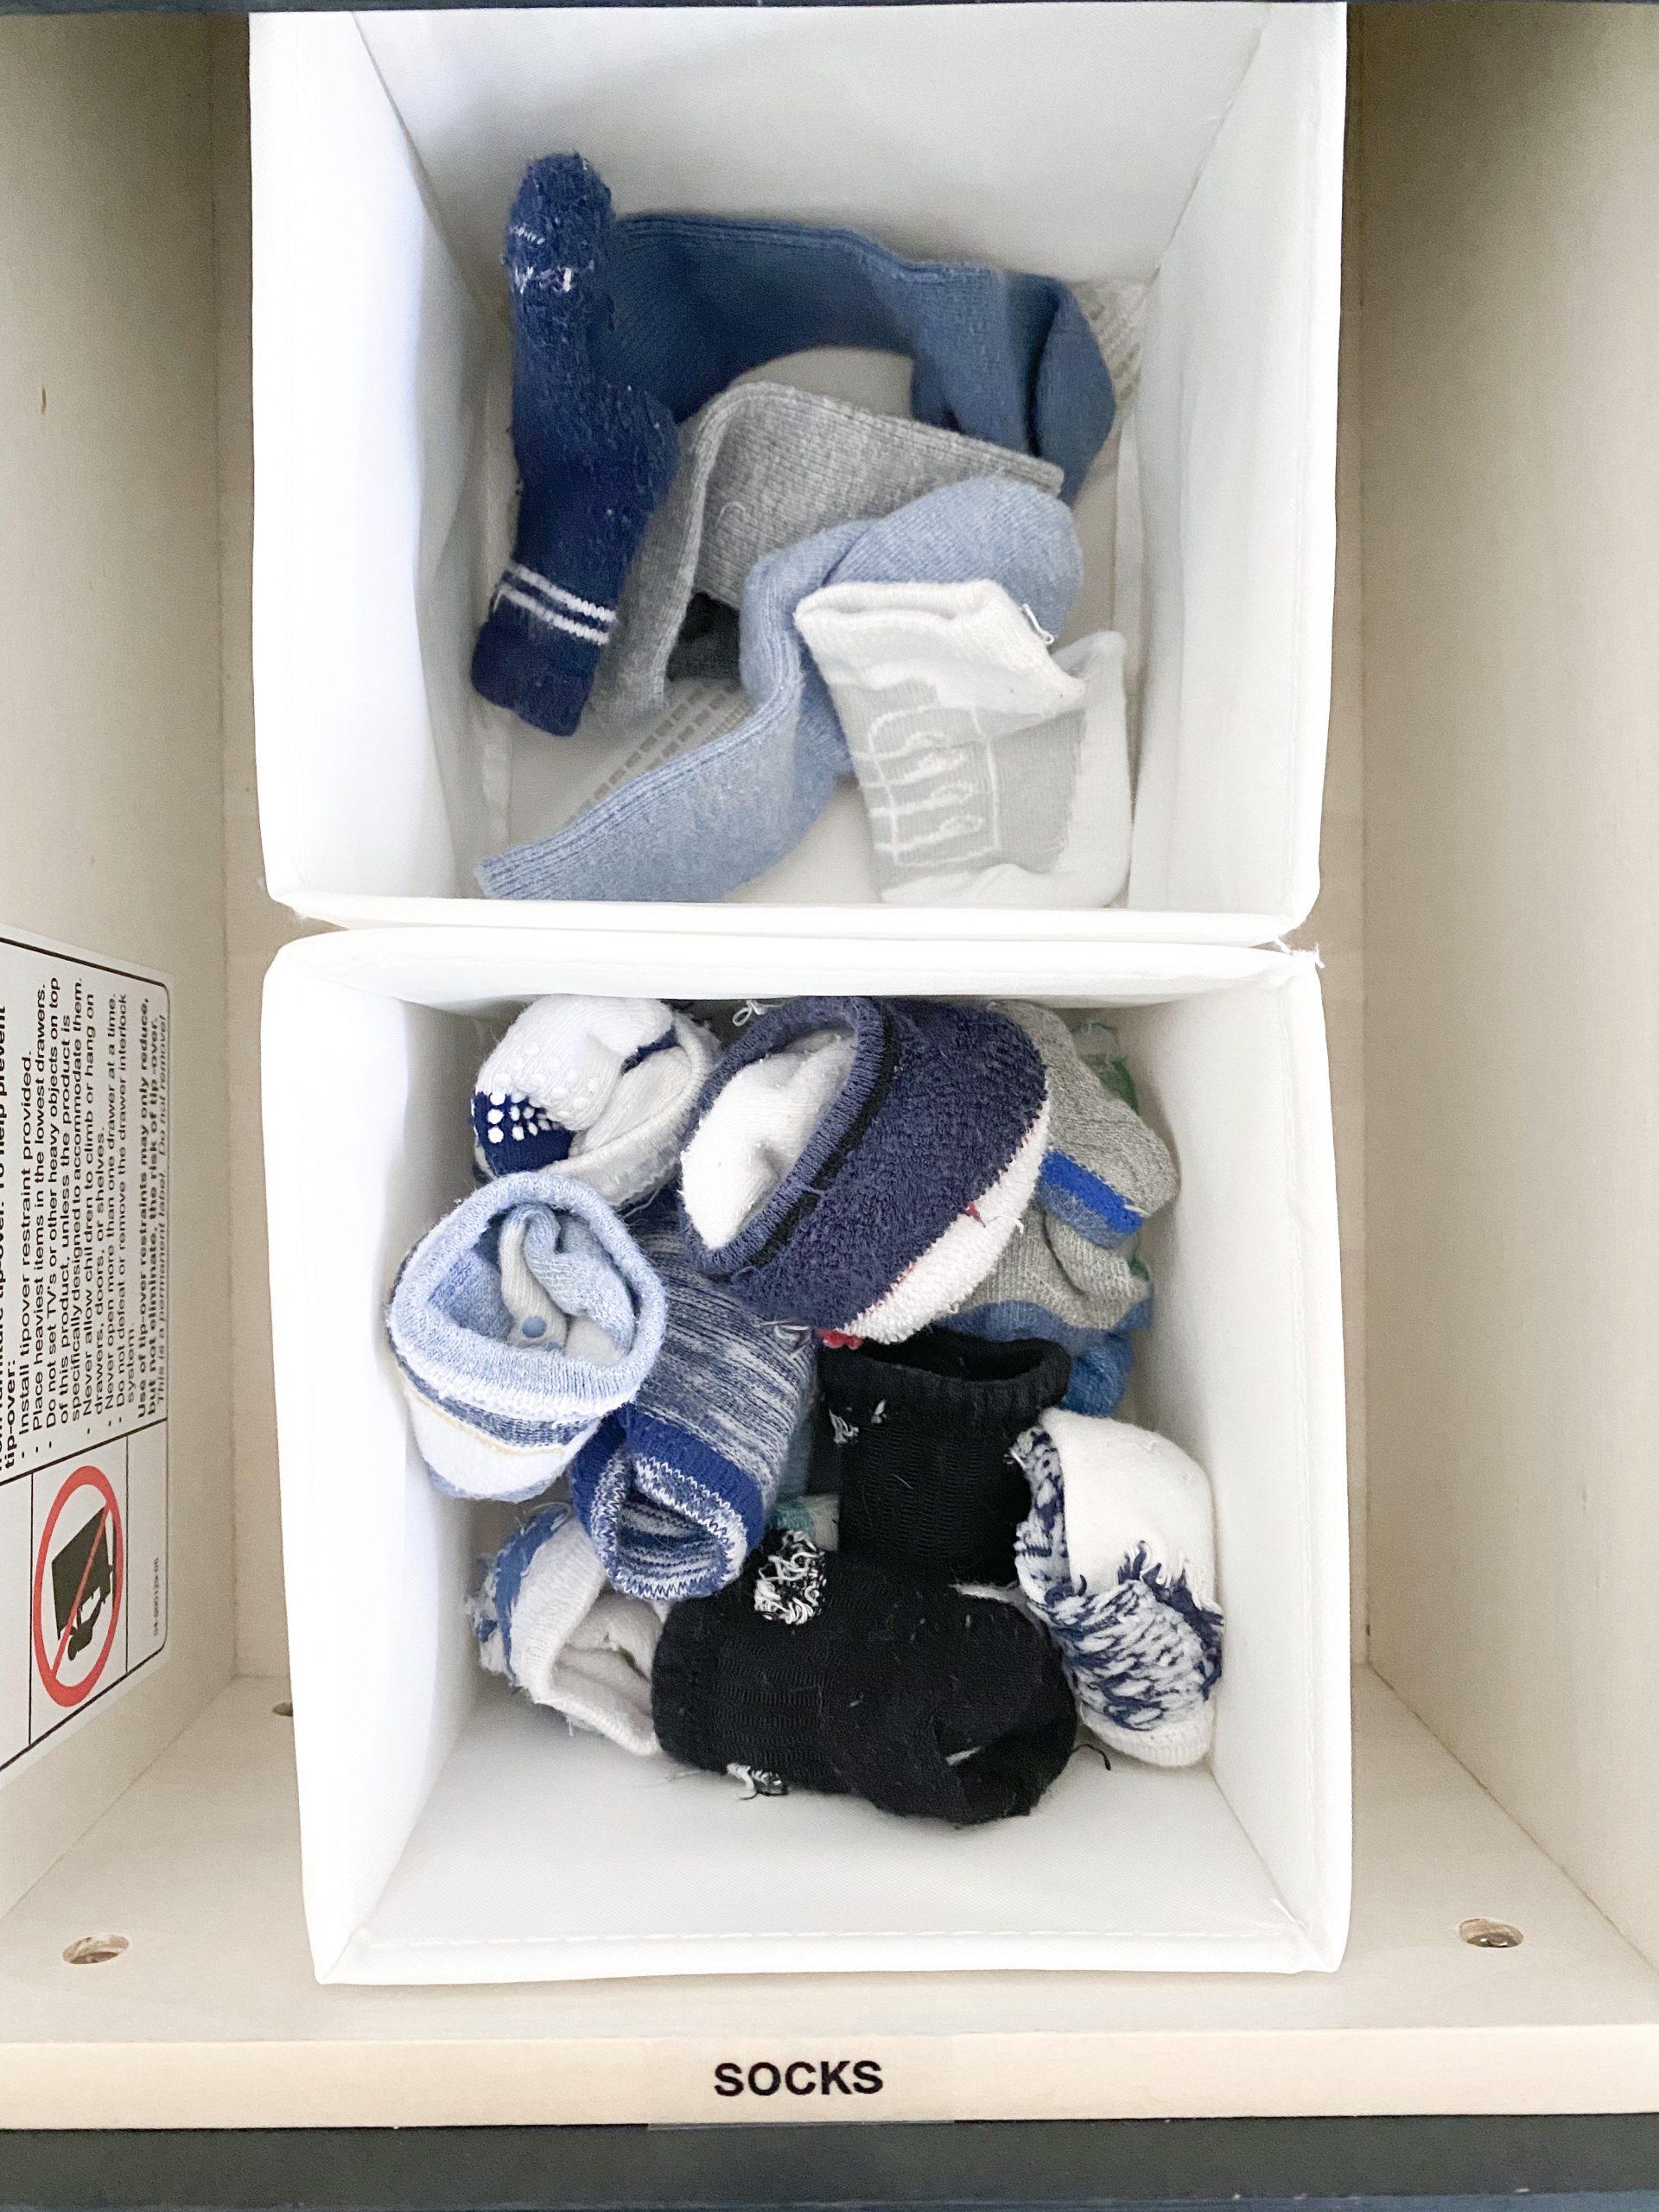 Baby clothes storage hack